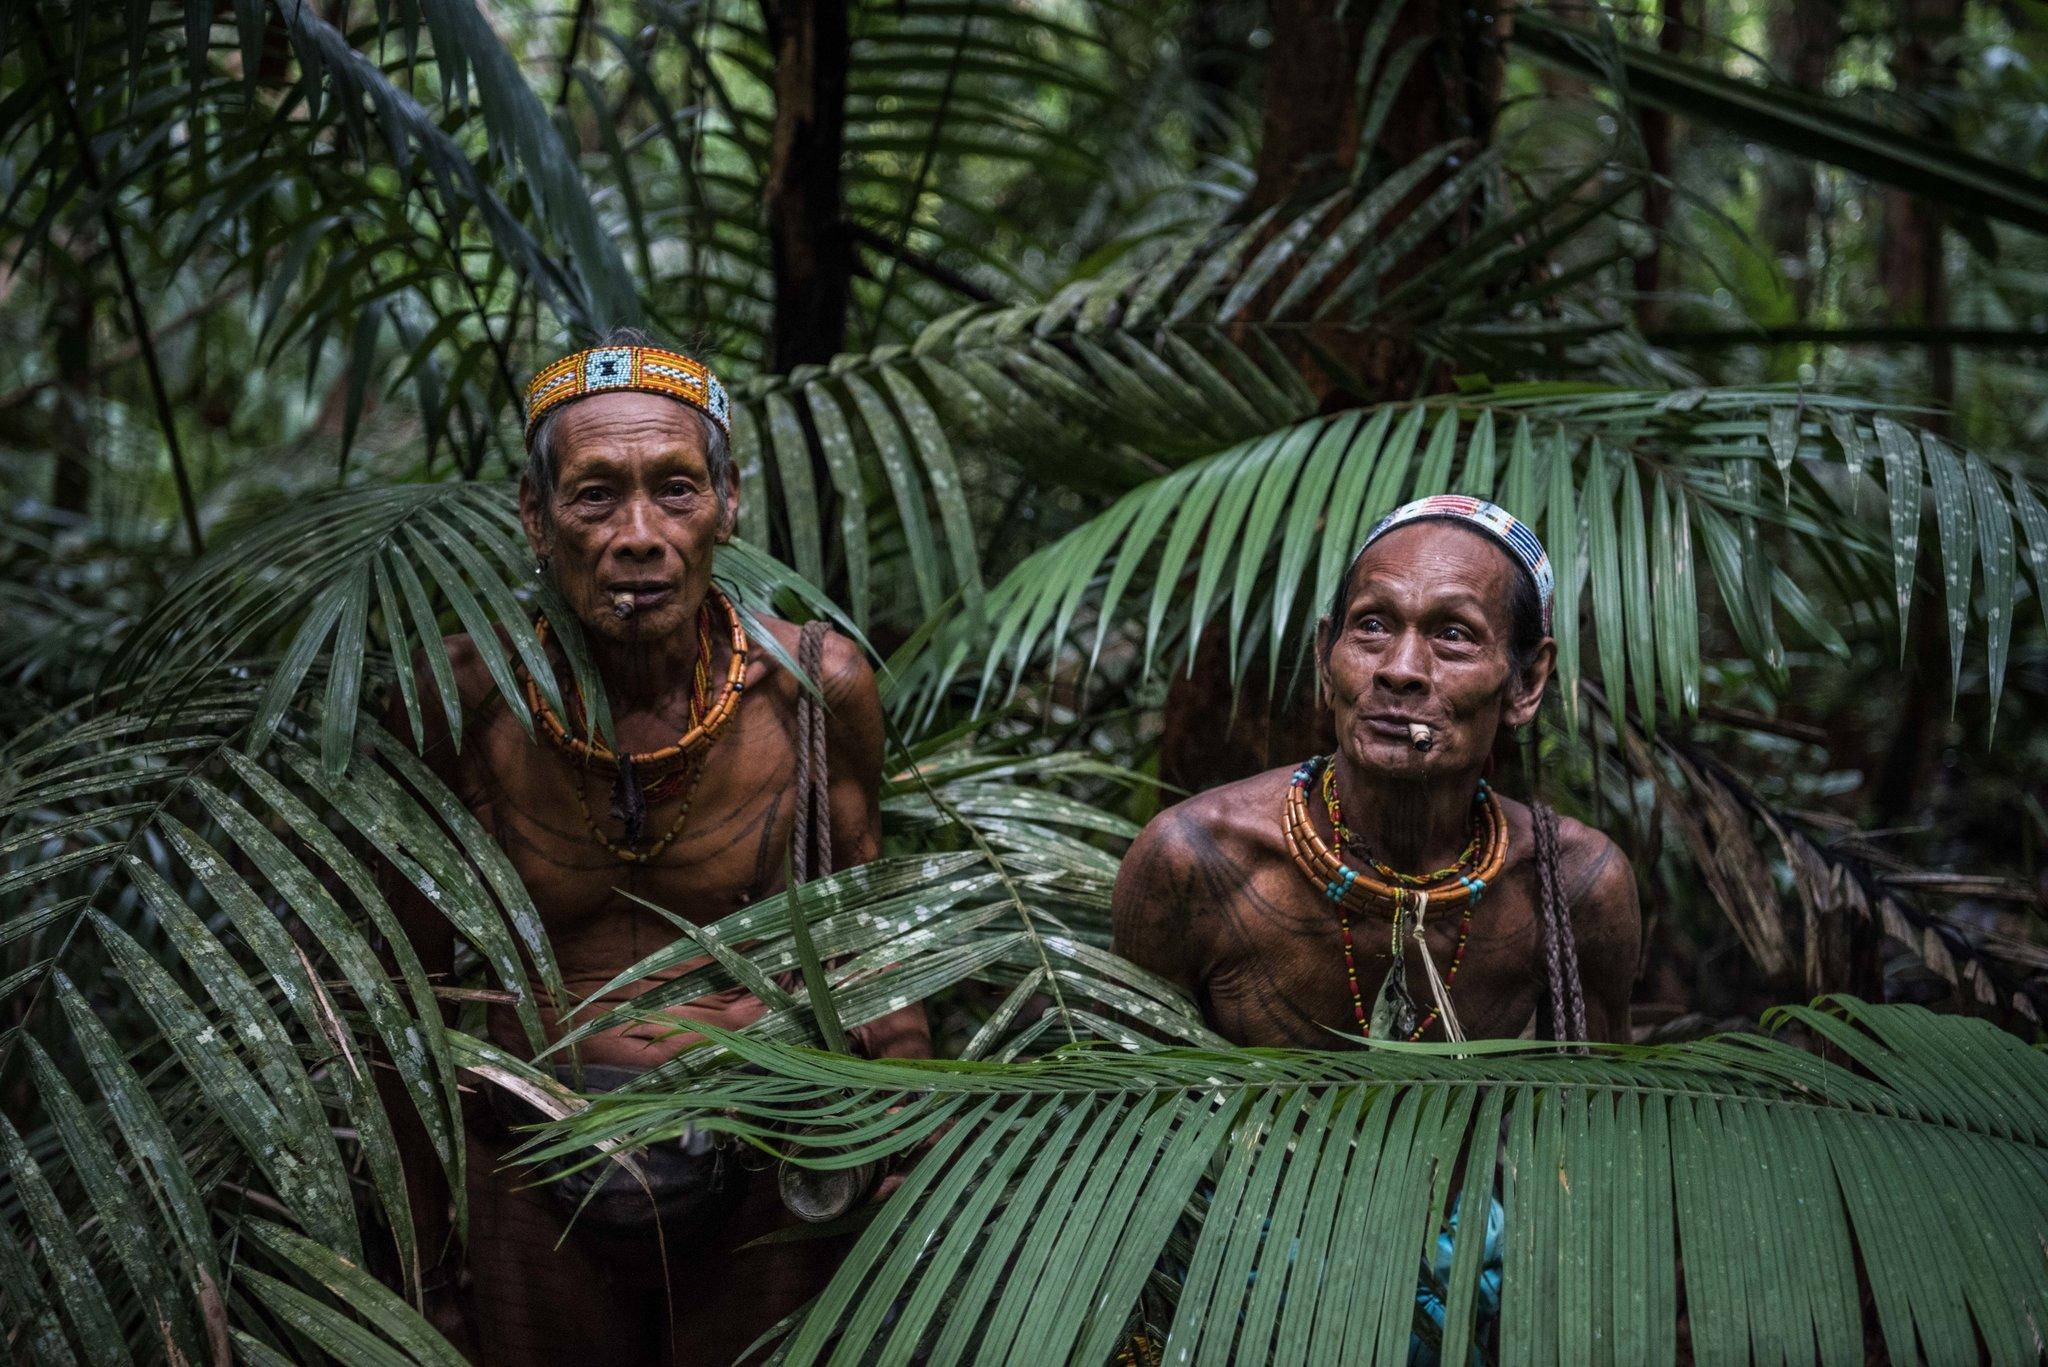 Teu Kapik Sibajak, left, and Aman Aqwi Sakkukuret, members of the Mentawai tribe, on the island of Siberut in Indonesia.